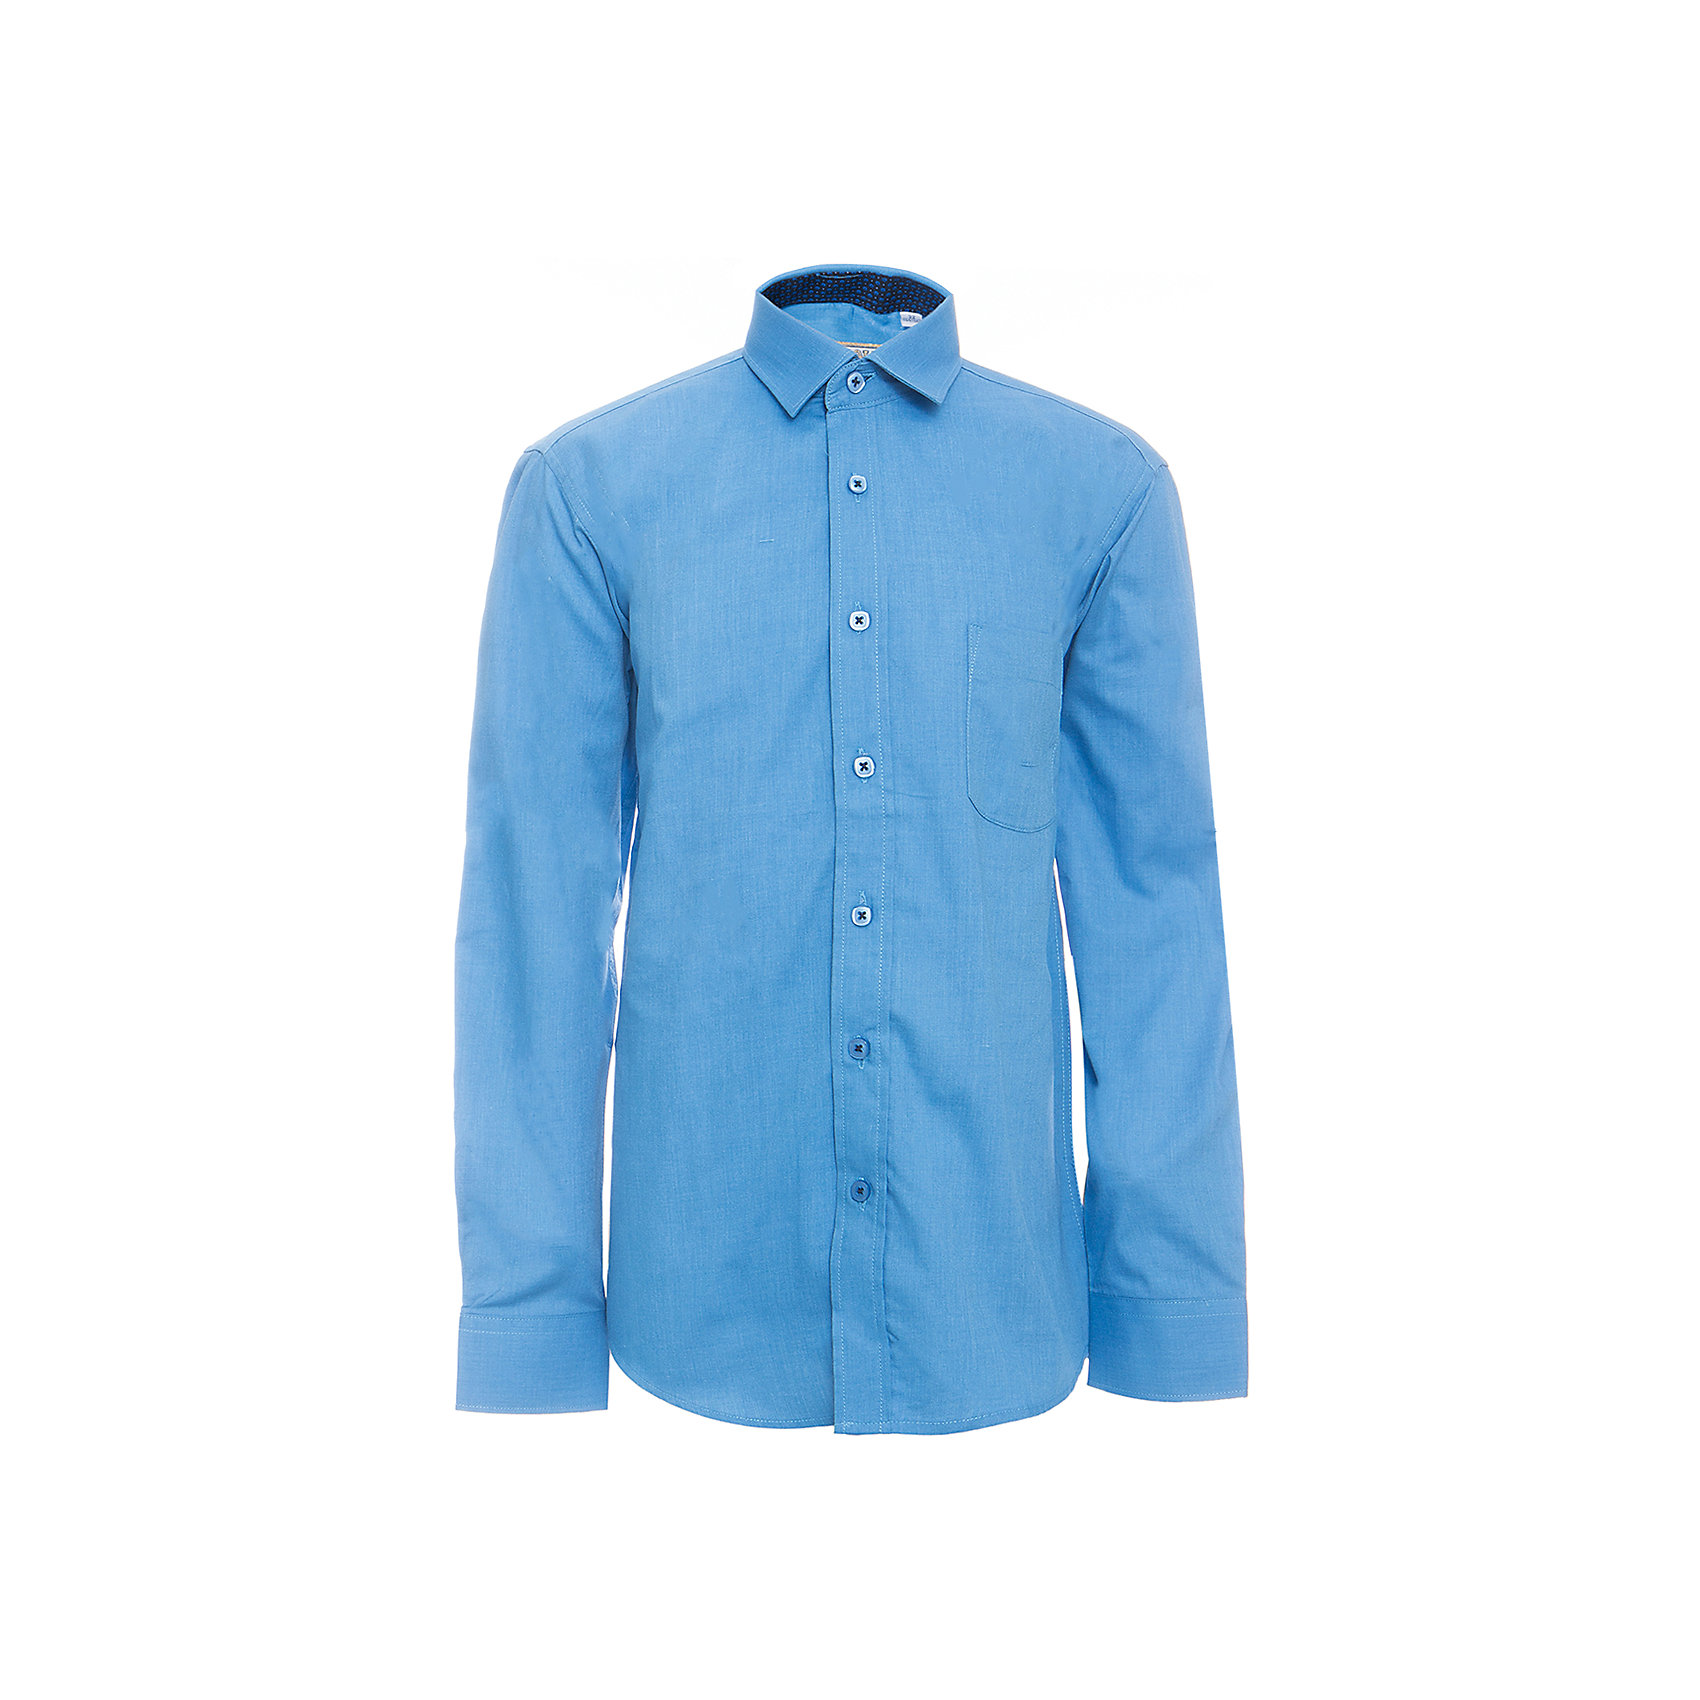 Рубашка для мальчика TsarevichБлузки и рубашки<br>Характеристики товара:<br><br>• цвет: синий<br>• состав ткани: 80% хлопок, 20% полиэстер<br>• особенности: школьная, праздничная<br>• застежка: пуговицы<br>• рукава: длинные<br>• сезон: круглый год<br>• страна бренда: Российская Федерация<br>• страна изготовитель: Китай<br><br>Классическая сорочка для мальчика - отличный вариант практичной и стильной школьной одежды.<br><br>Накладной карман, воротник с отсрочкой, свободный крой, классическая форма, дышащая ткань с преобладанием хлопка - красиво и удобно.<br><br>Рубашку для мальчика Tsarevich (Царевич) можно купить в нашем интернет-магазине.<br><br>Ширина мм: 174<br>Глубина мм: 10<br>Высота мм: 169<br>Вес г: 157<br>Цвет: синий<br>Возраст от месяцев: 156<br>Возраст до месяцев: 168<br>Пол: Мужской<br>Возраст: Детский<br>Размер: 164/170,158/164,122/128,128/134,134/140,140/146,146/152,146/152,152/158,152/158<br>SKU: 6860699